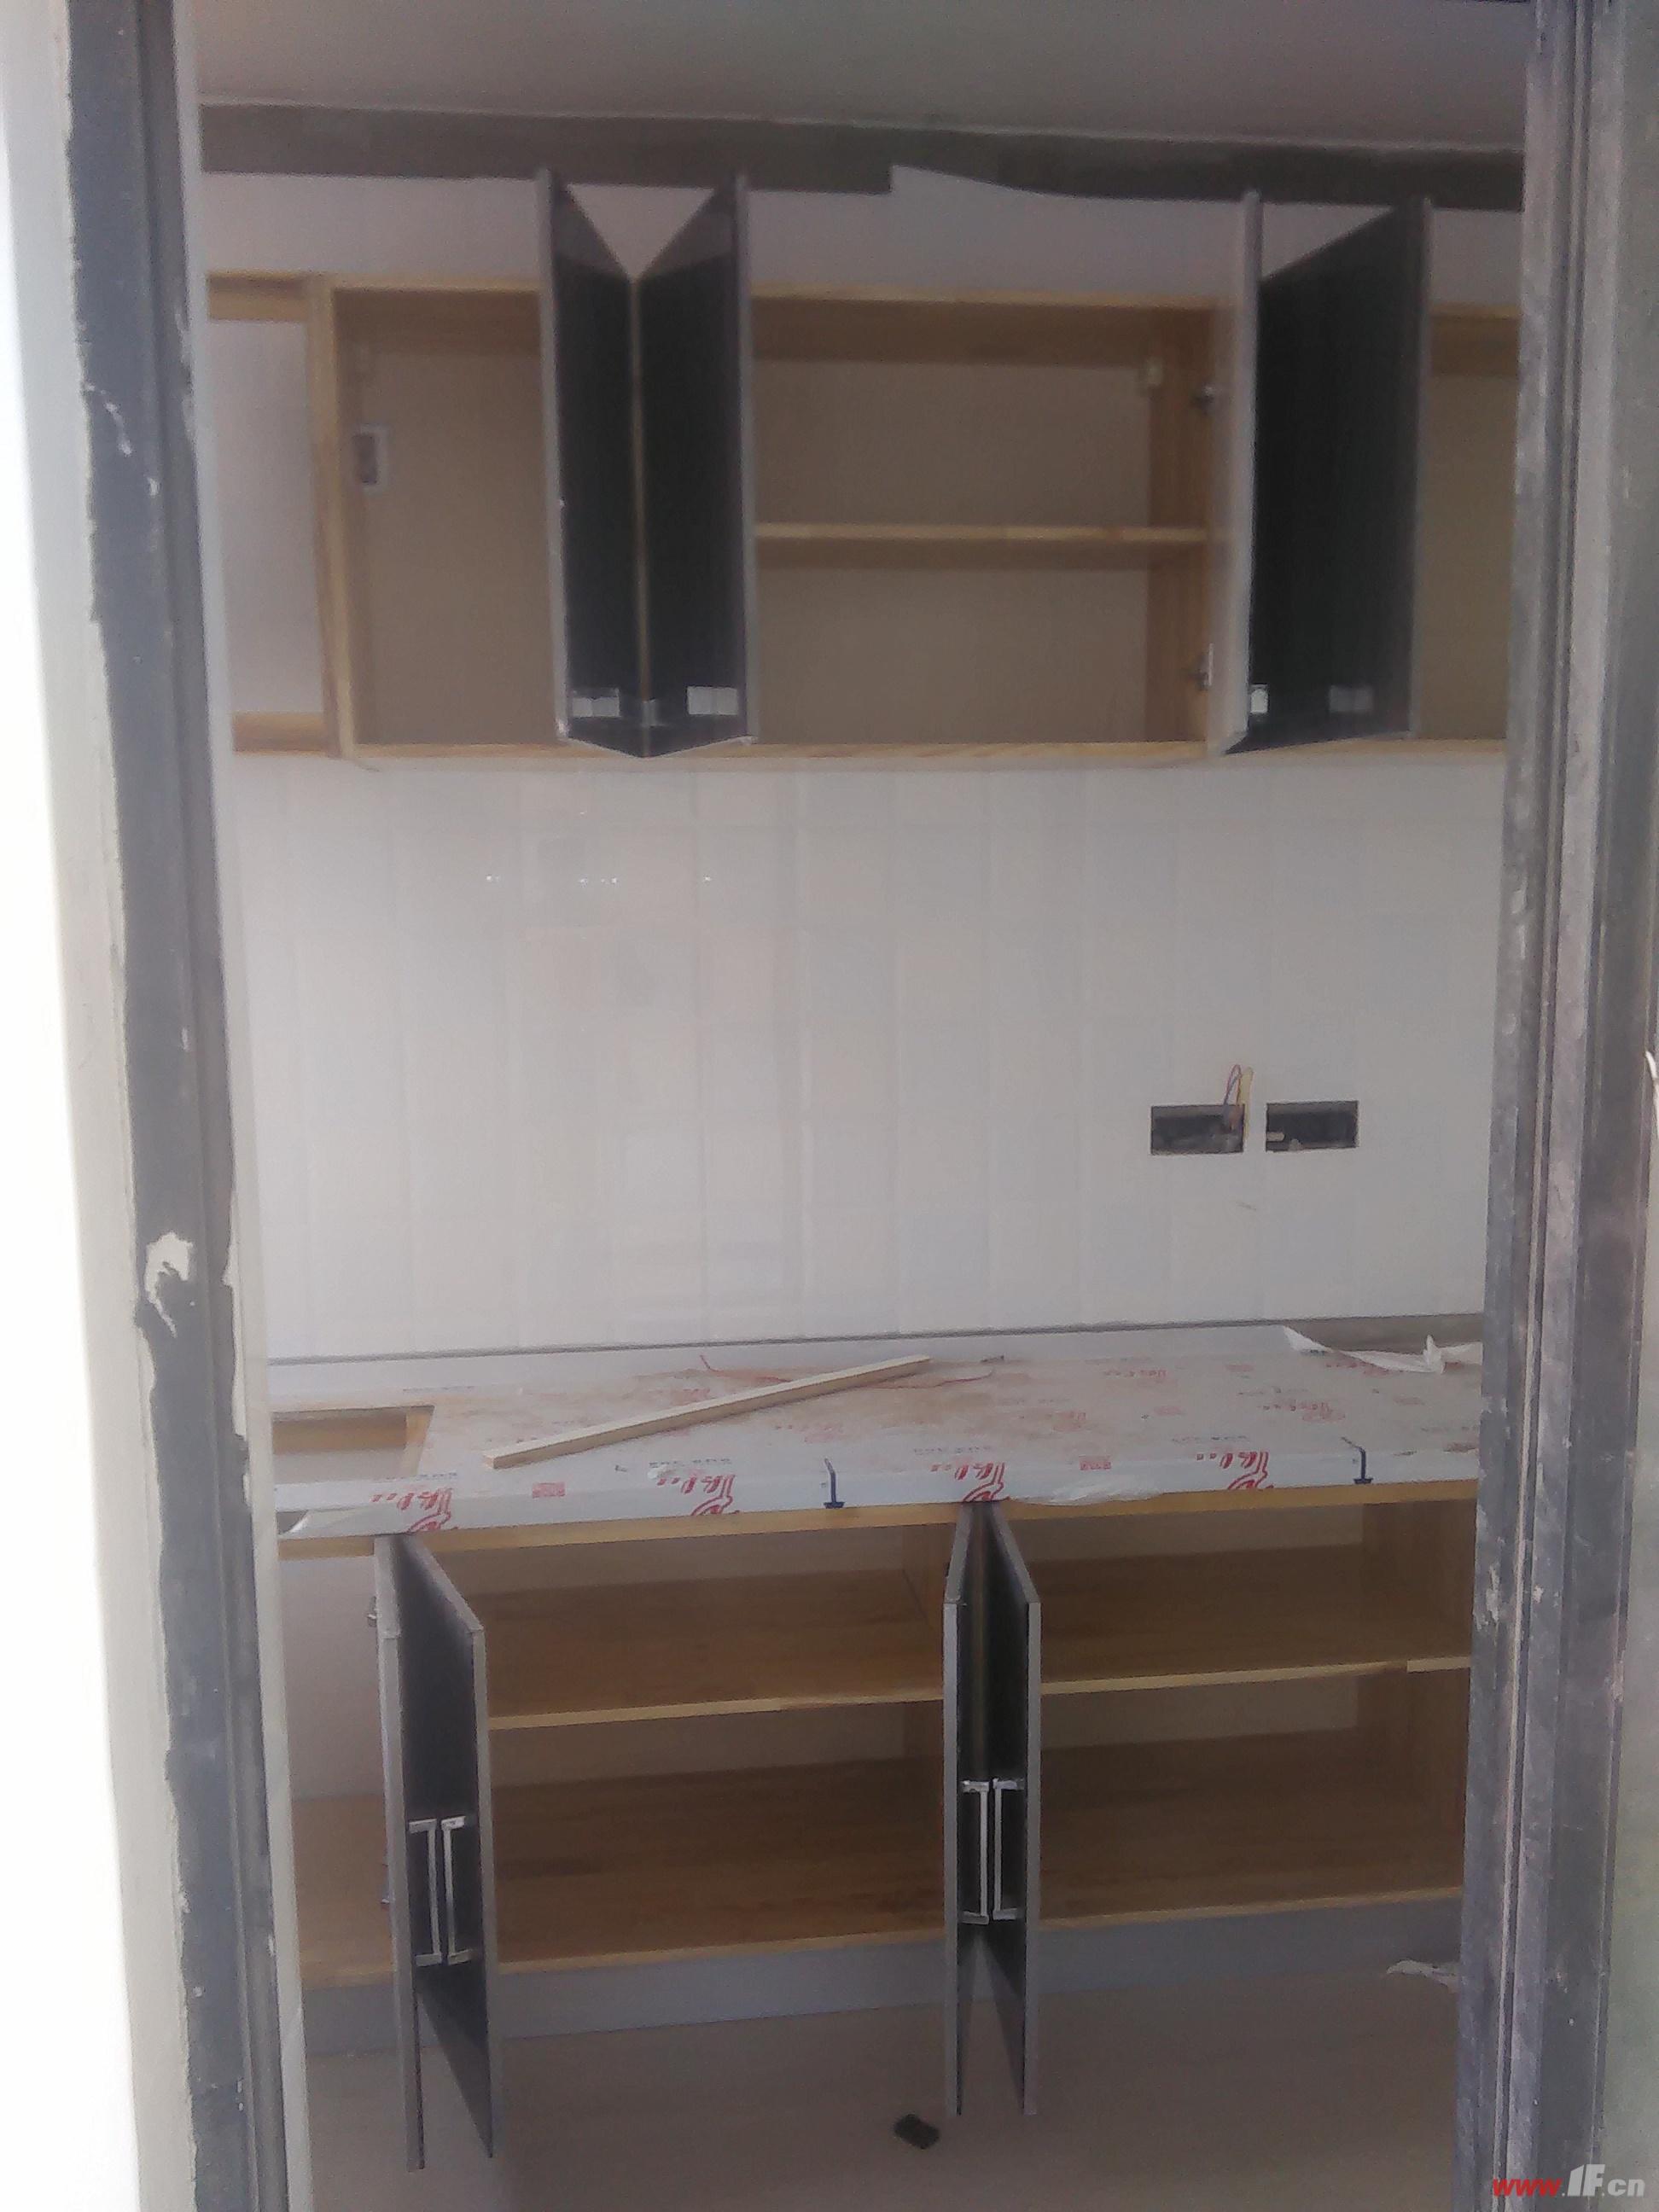 (1)防水工程(卫生间,厨房,阳台墙地面防水等)(2)电路安装(布线,改管道